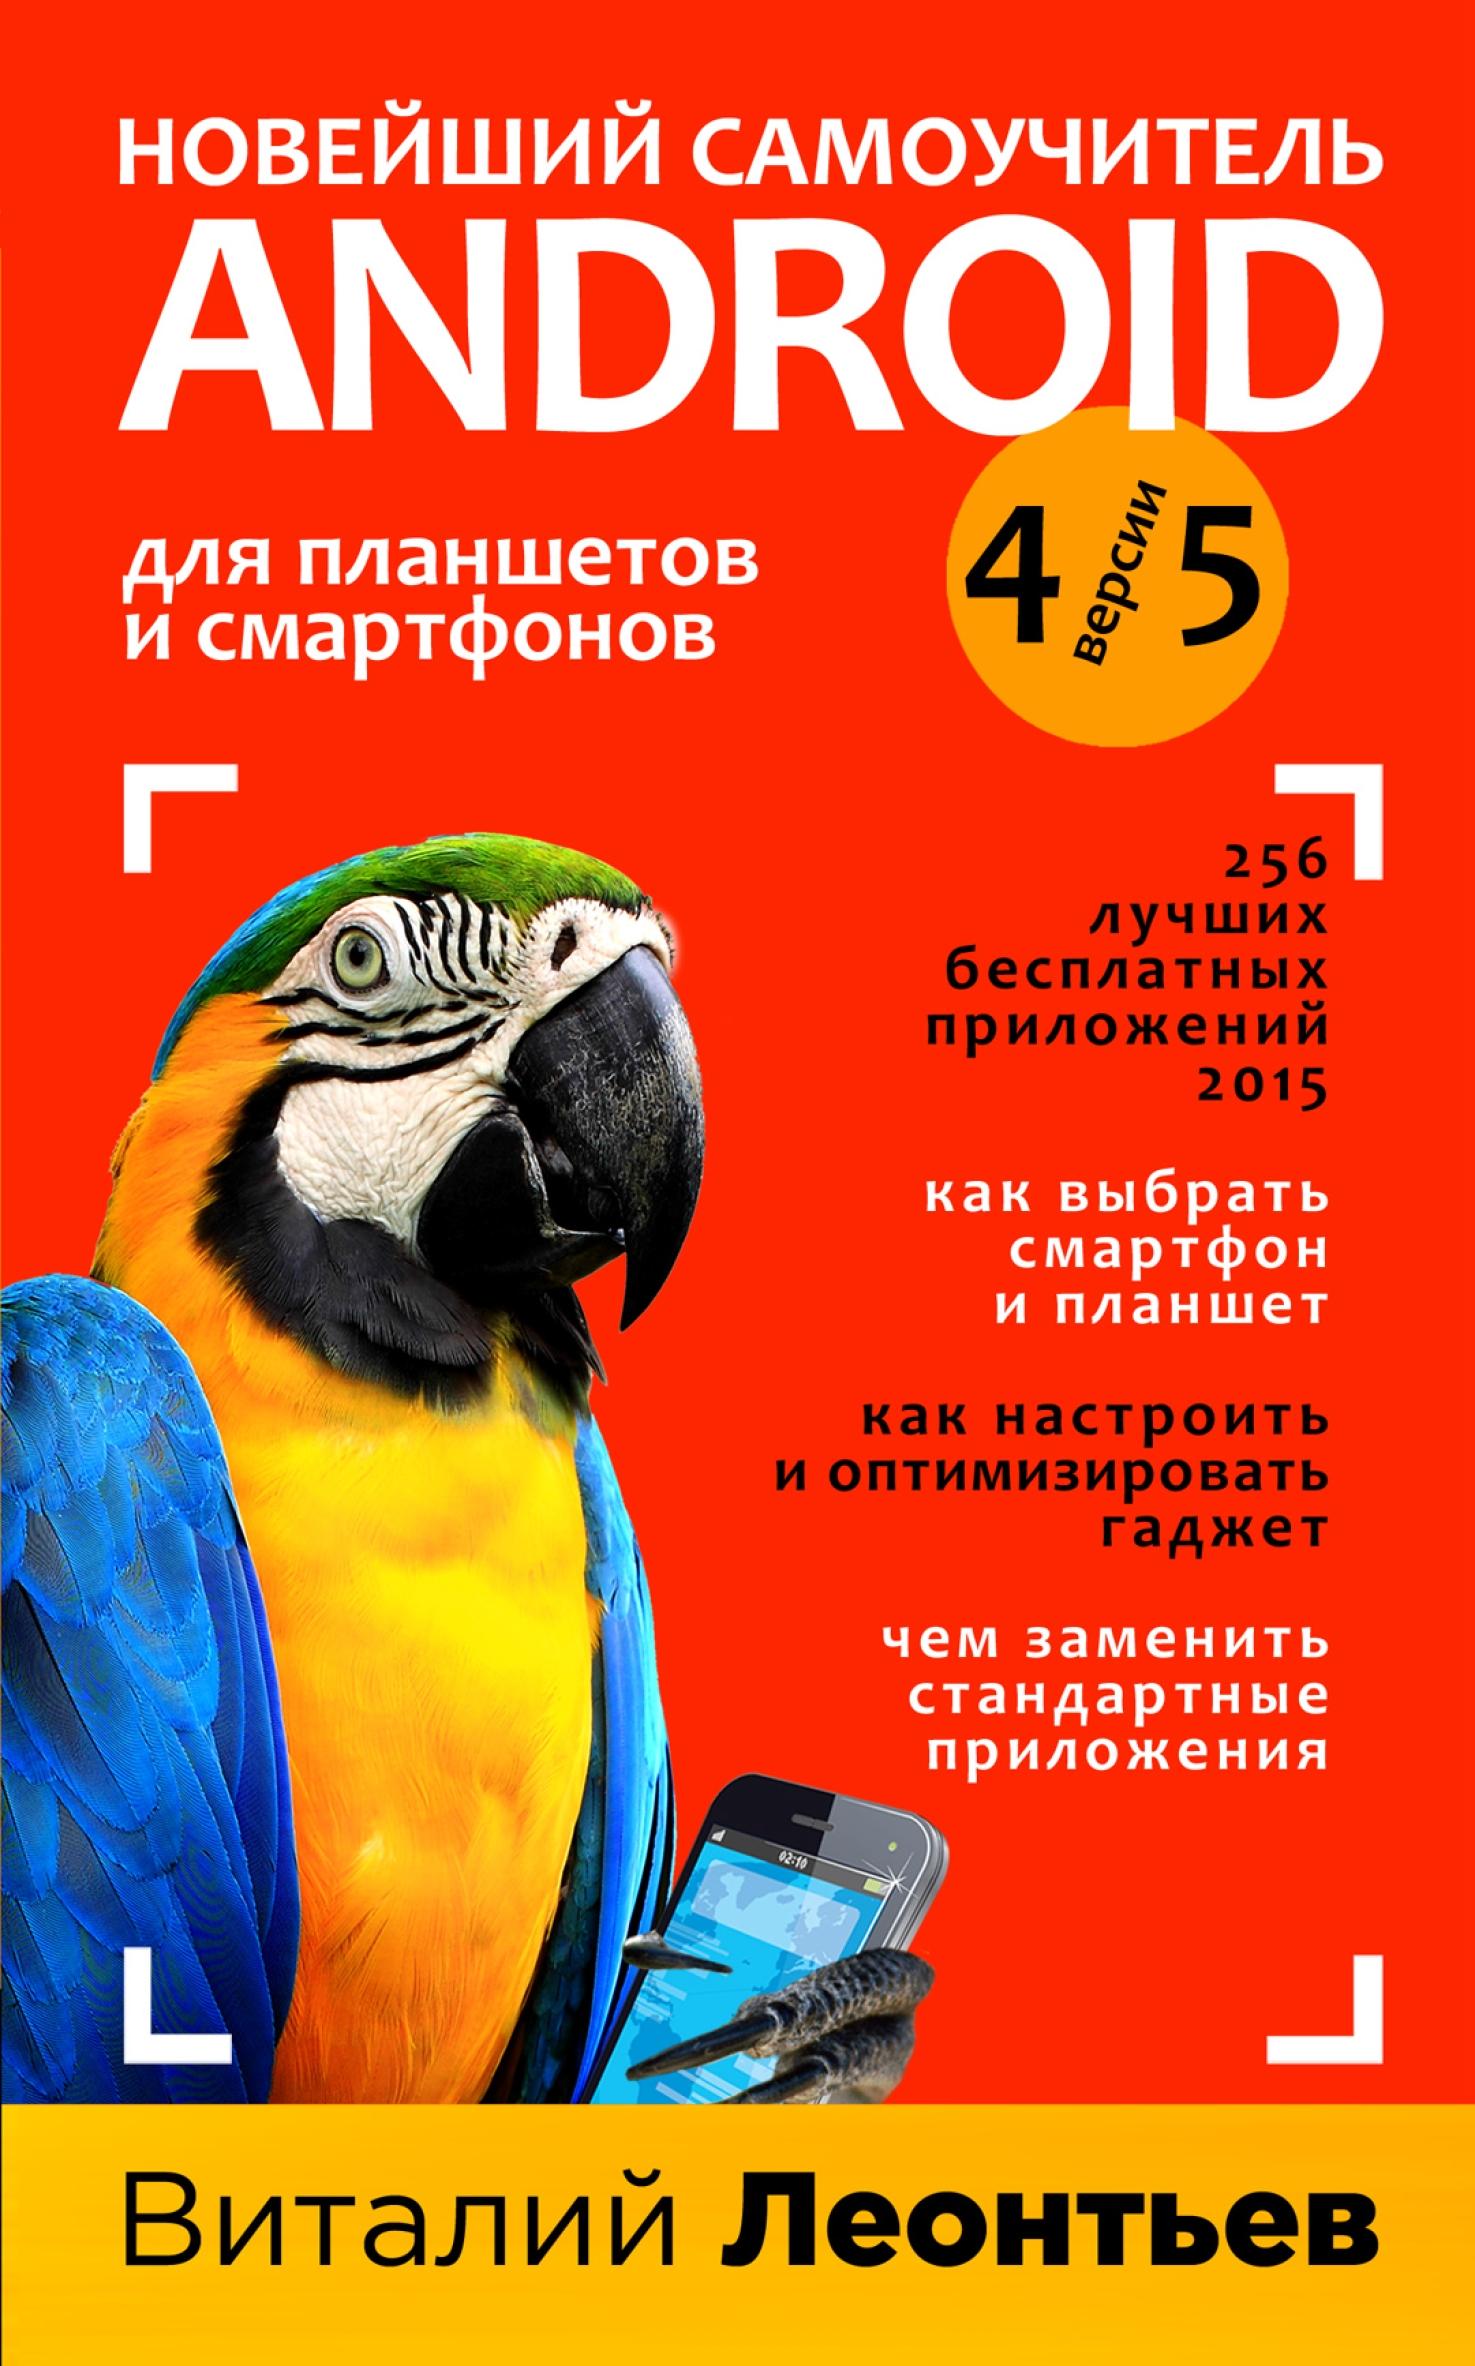 Виталий Леонтьев Новейший самоучитель Android 5 + 256 полезных приложений android планшет понятный самоучитель